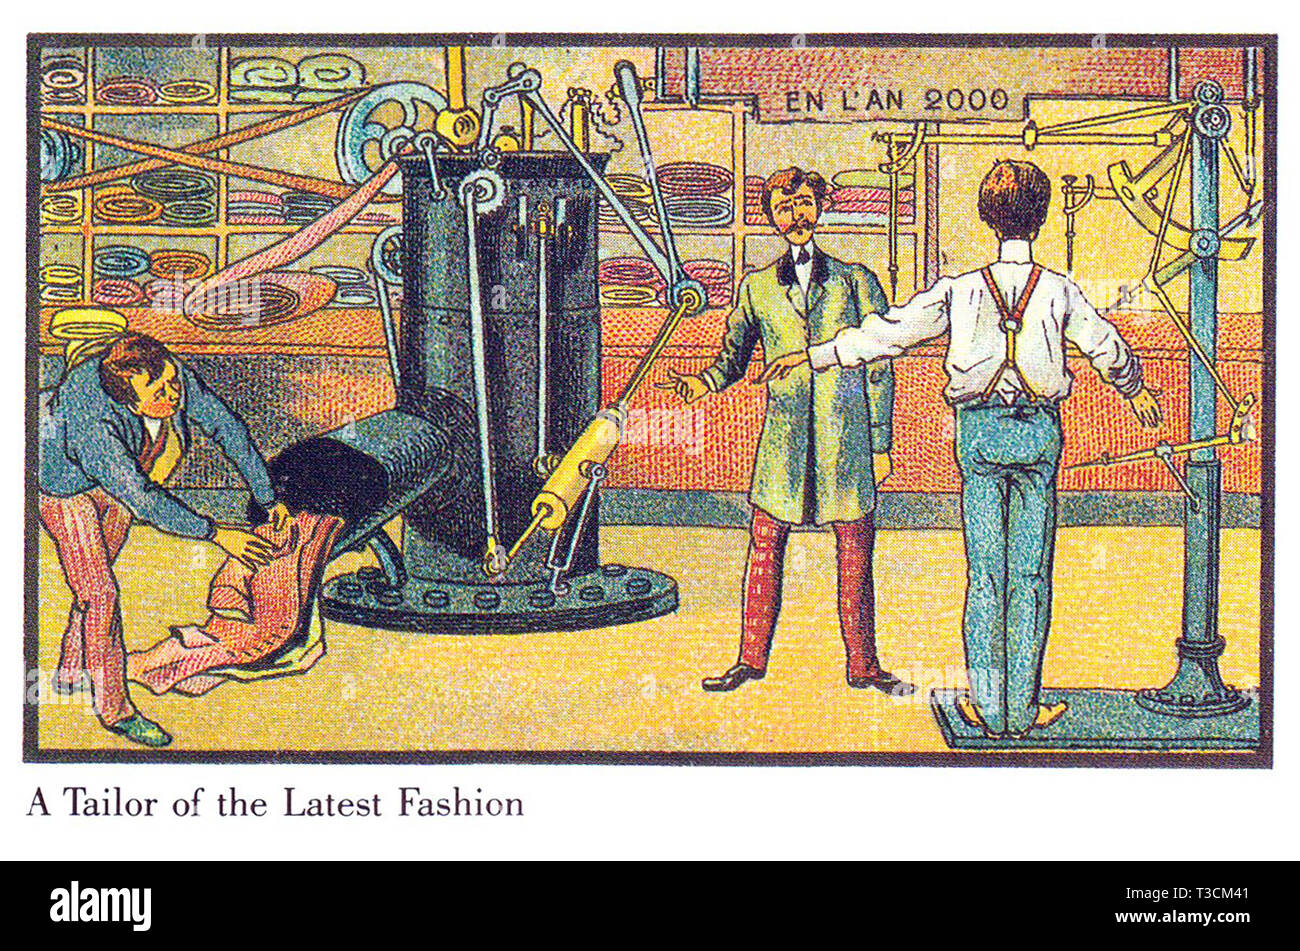 Im Jahr 2000 Reihe französischer Abbildungen zwischen 1899 und 1910 mit imaginären technologische Fortschritte veröffentlicht. Die neueste Mode für Männer automatisch produziert. Stockbild